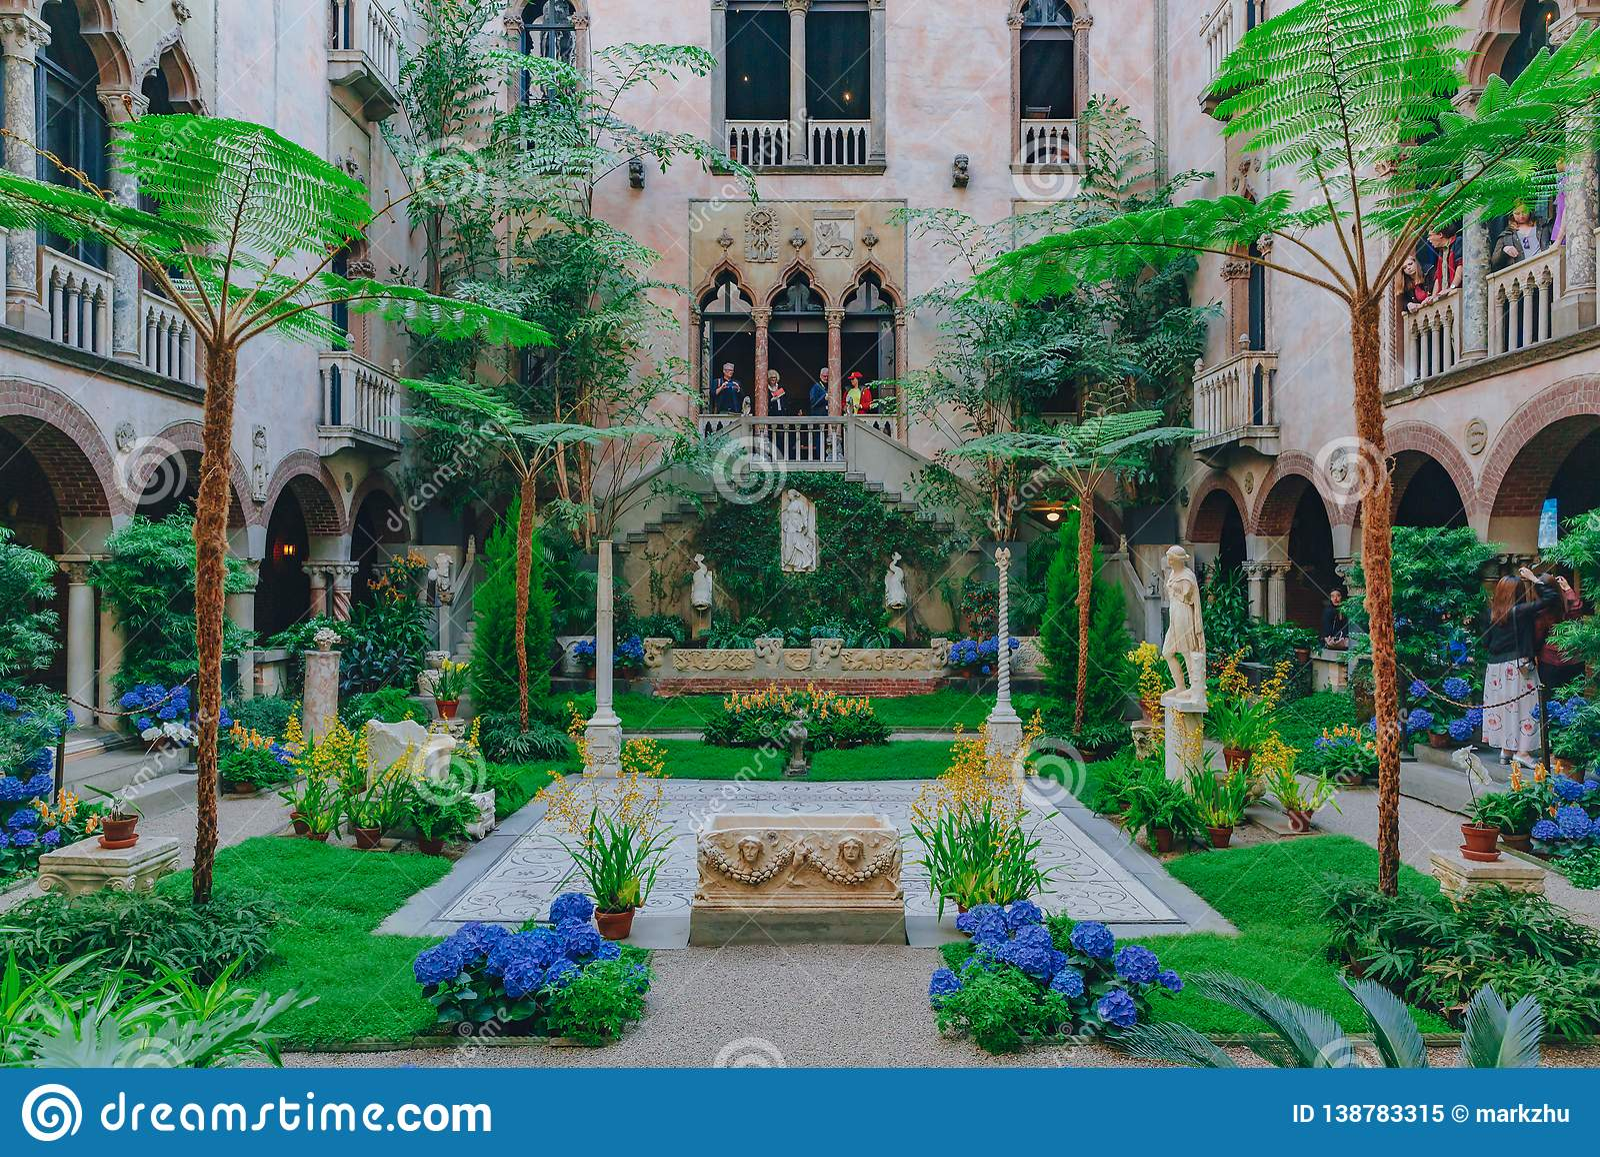 Wewnętrzny widok wewnętrzny ogród Isabella Stewart Gardner muzeum w Boston i podwórze